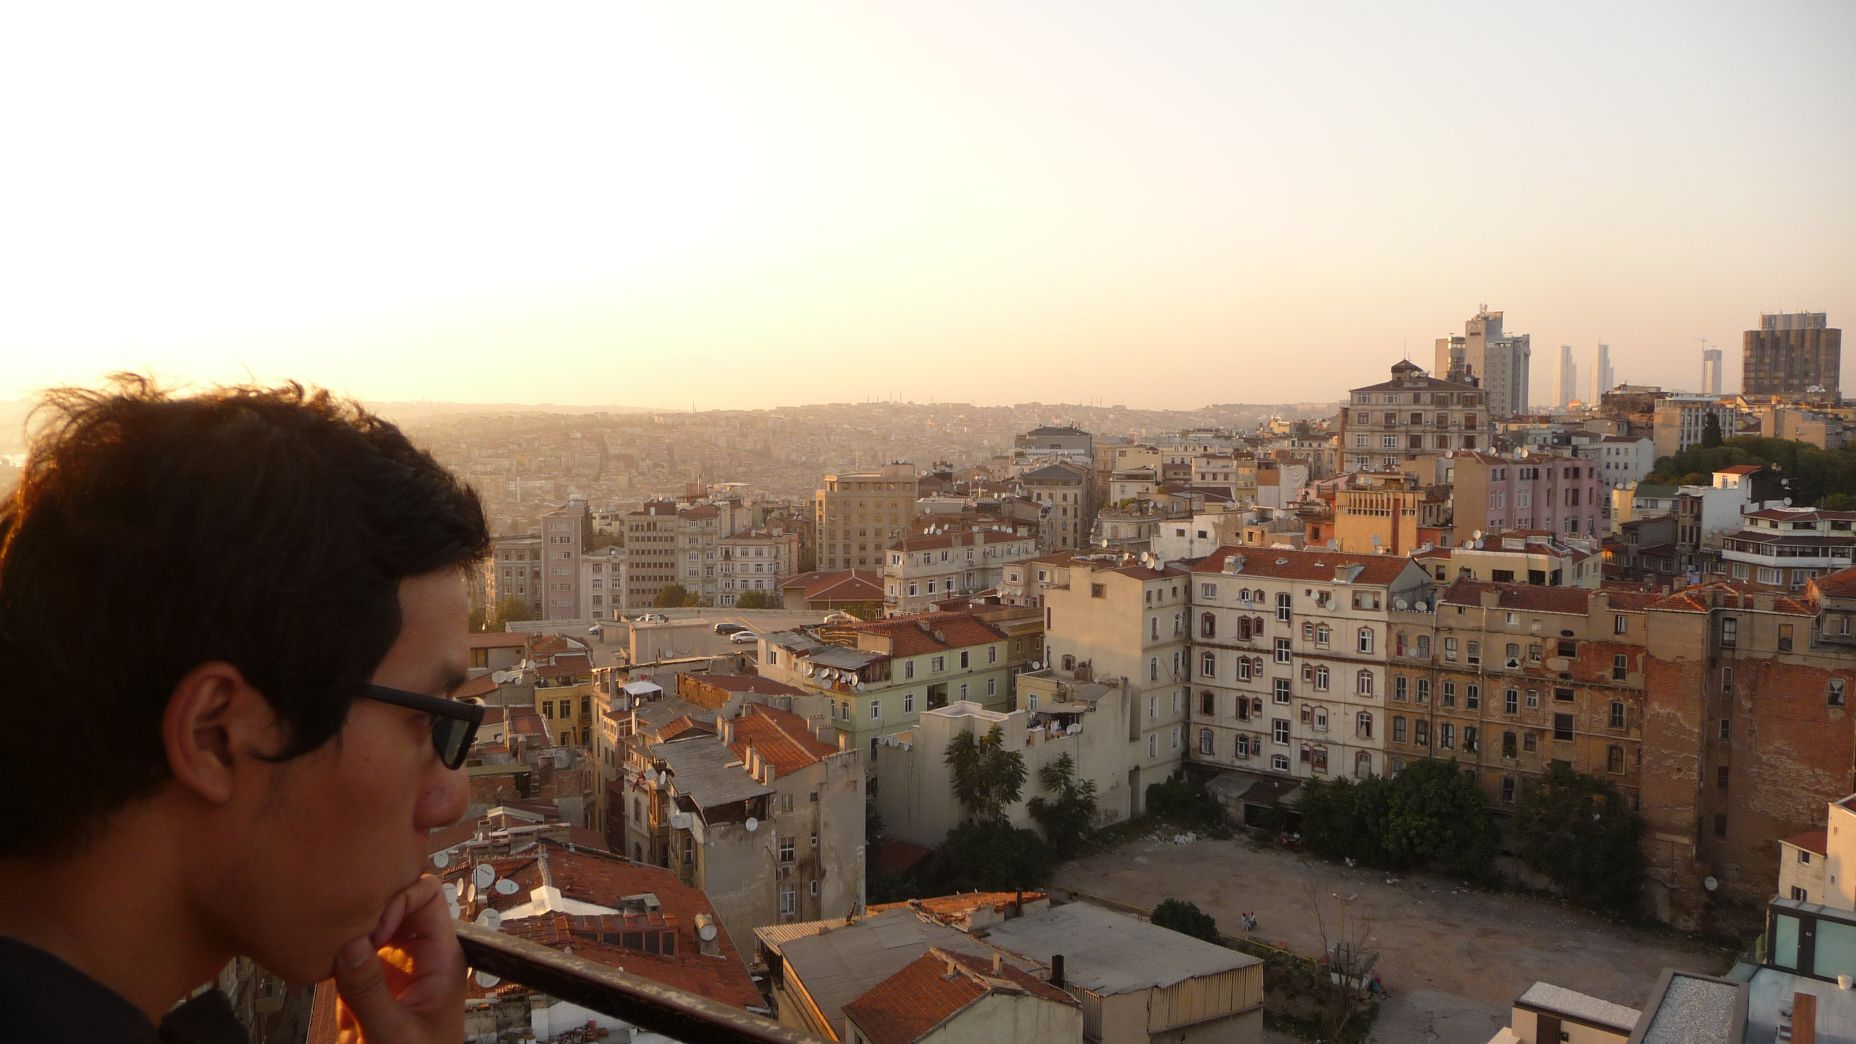 Turcja - Stambuł Panorama - zdjęcia, atrakcje